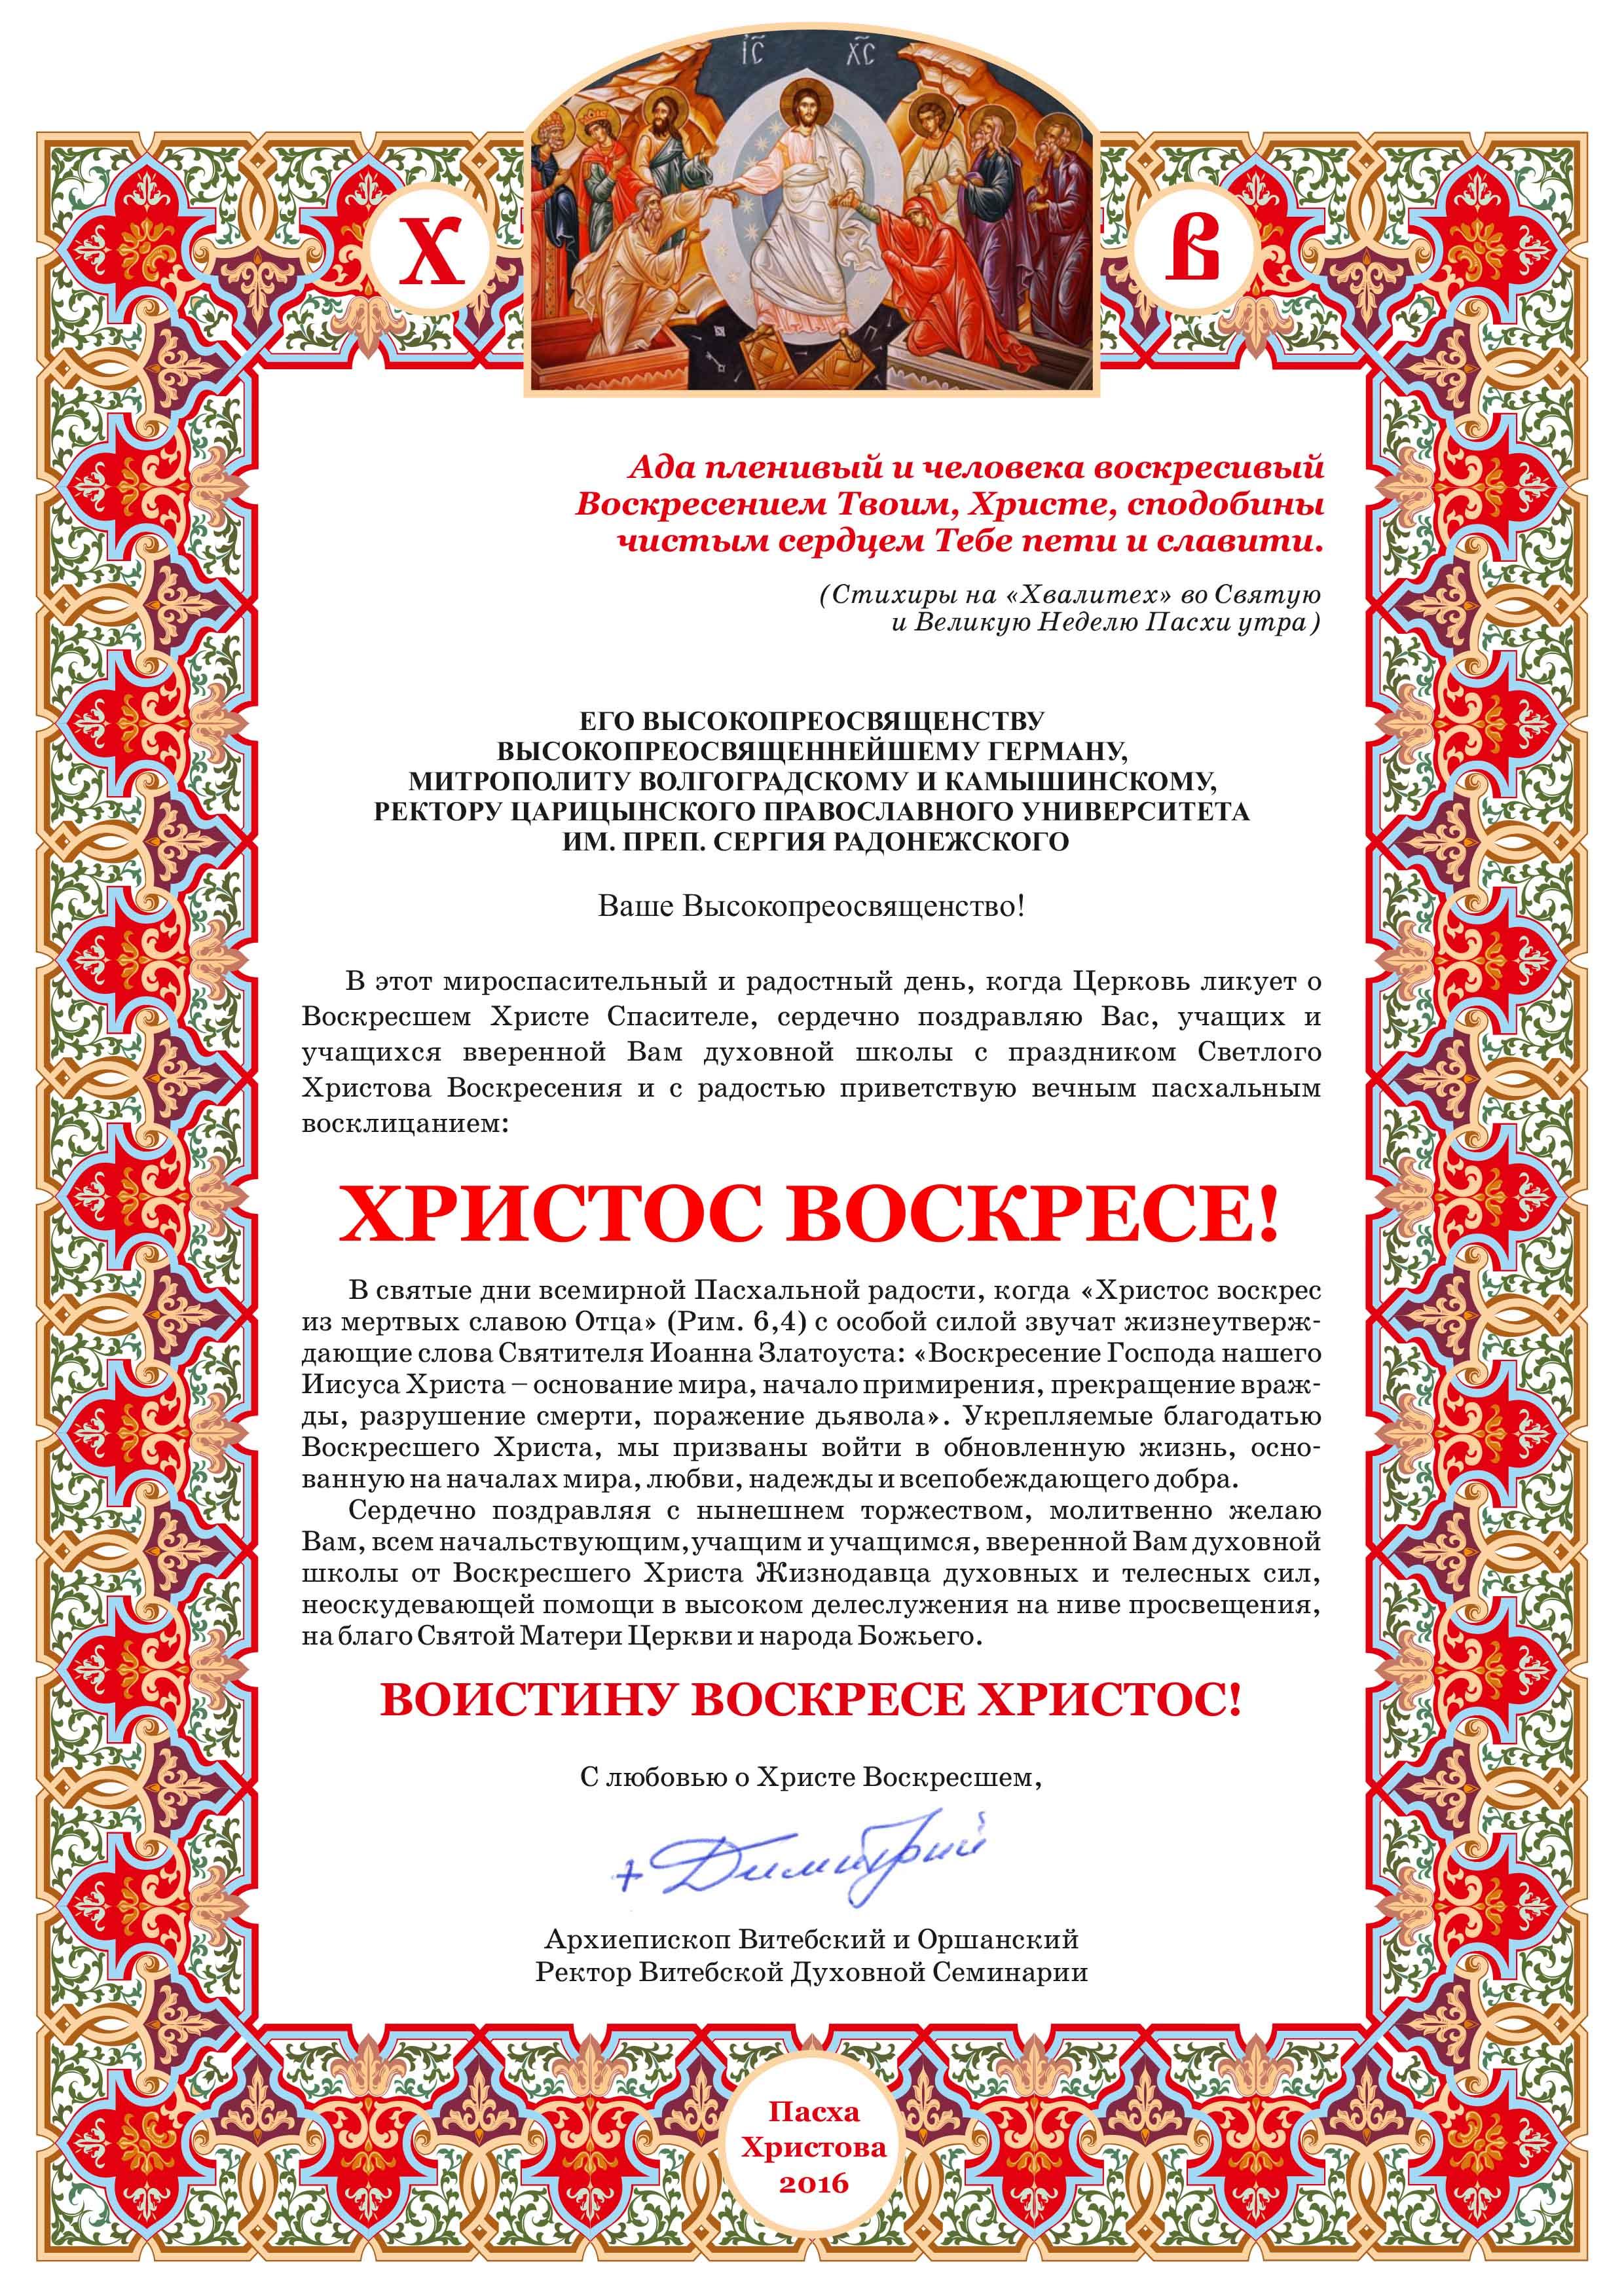 Поздравления епископу Лукиану с Днем тезоименитства 42